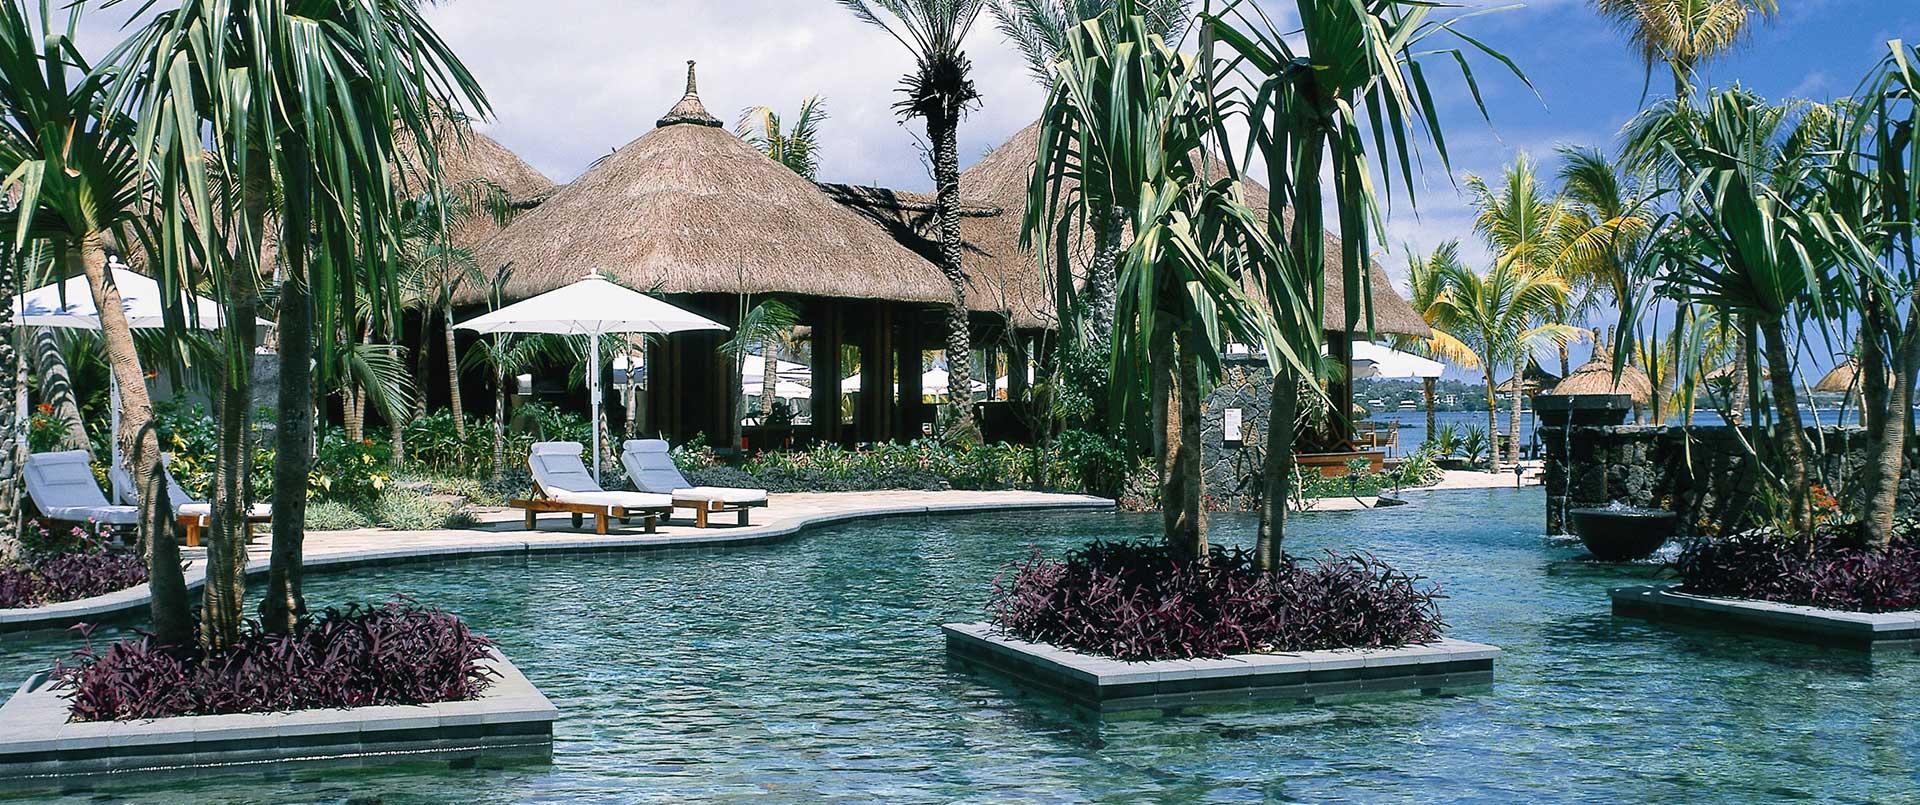 Le Touessrok, Mauritius